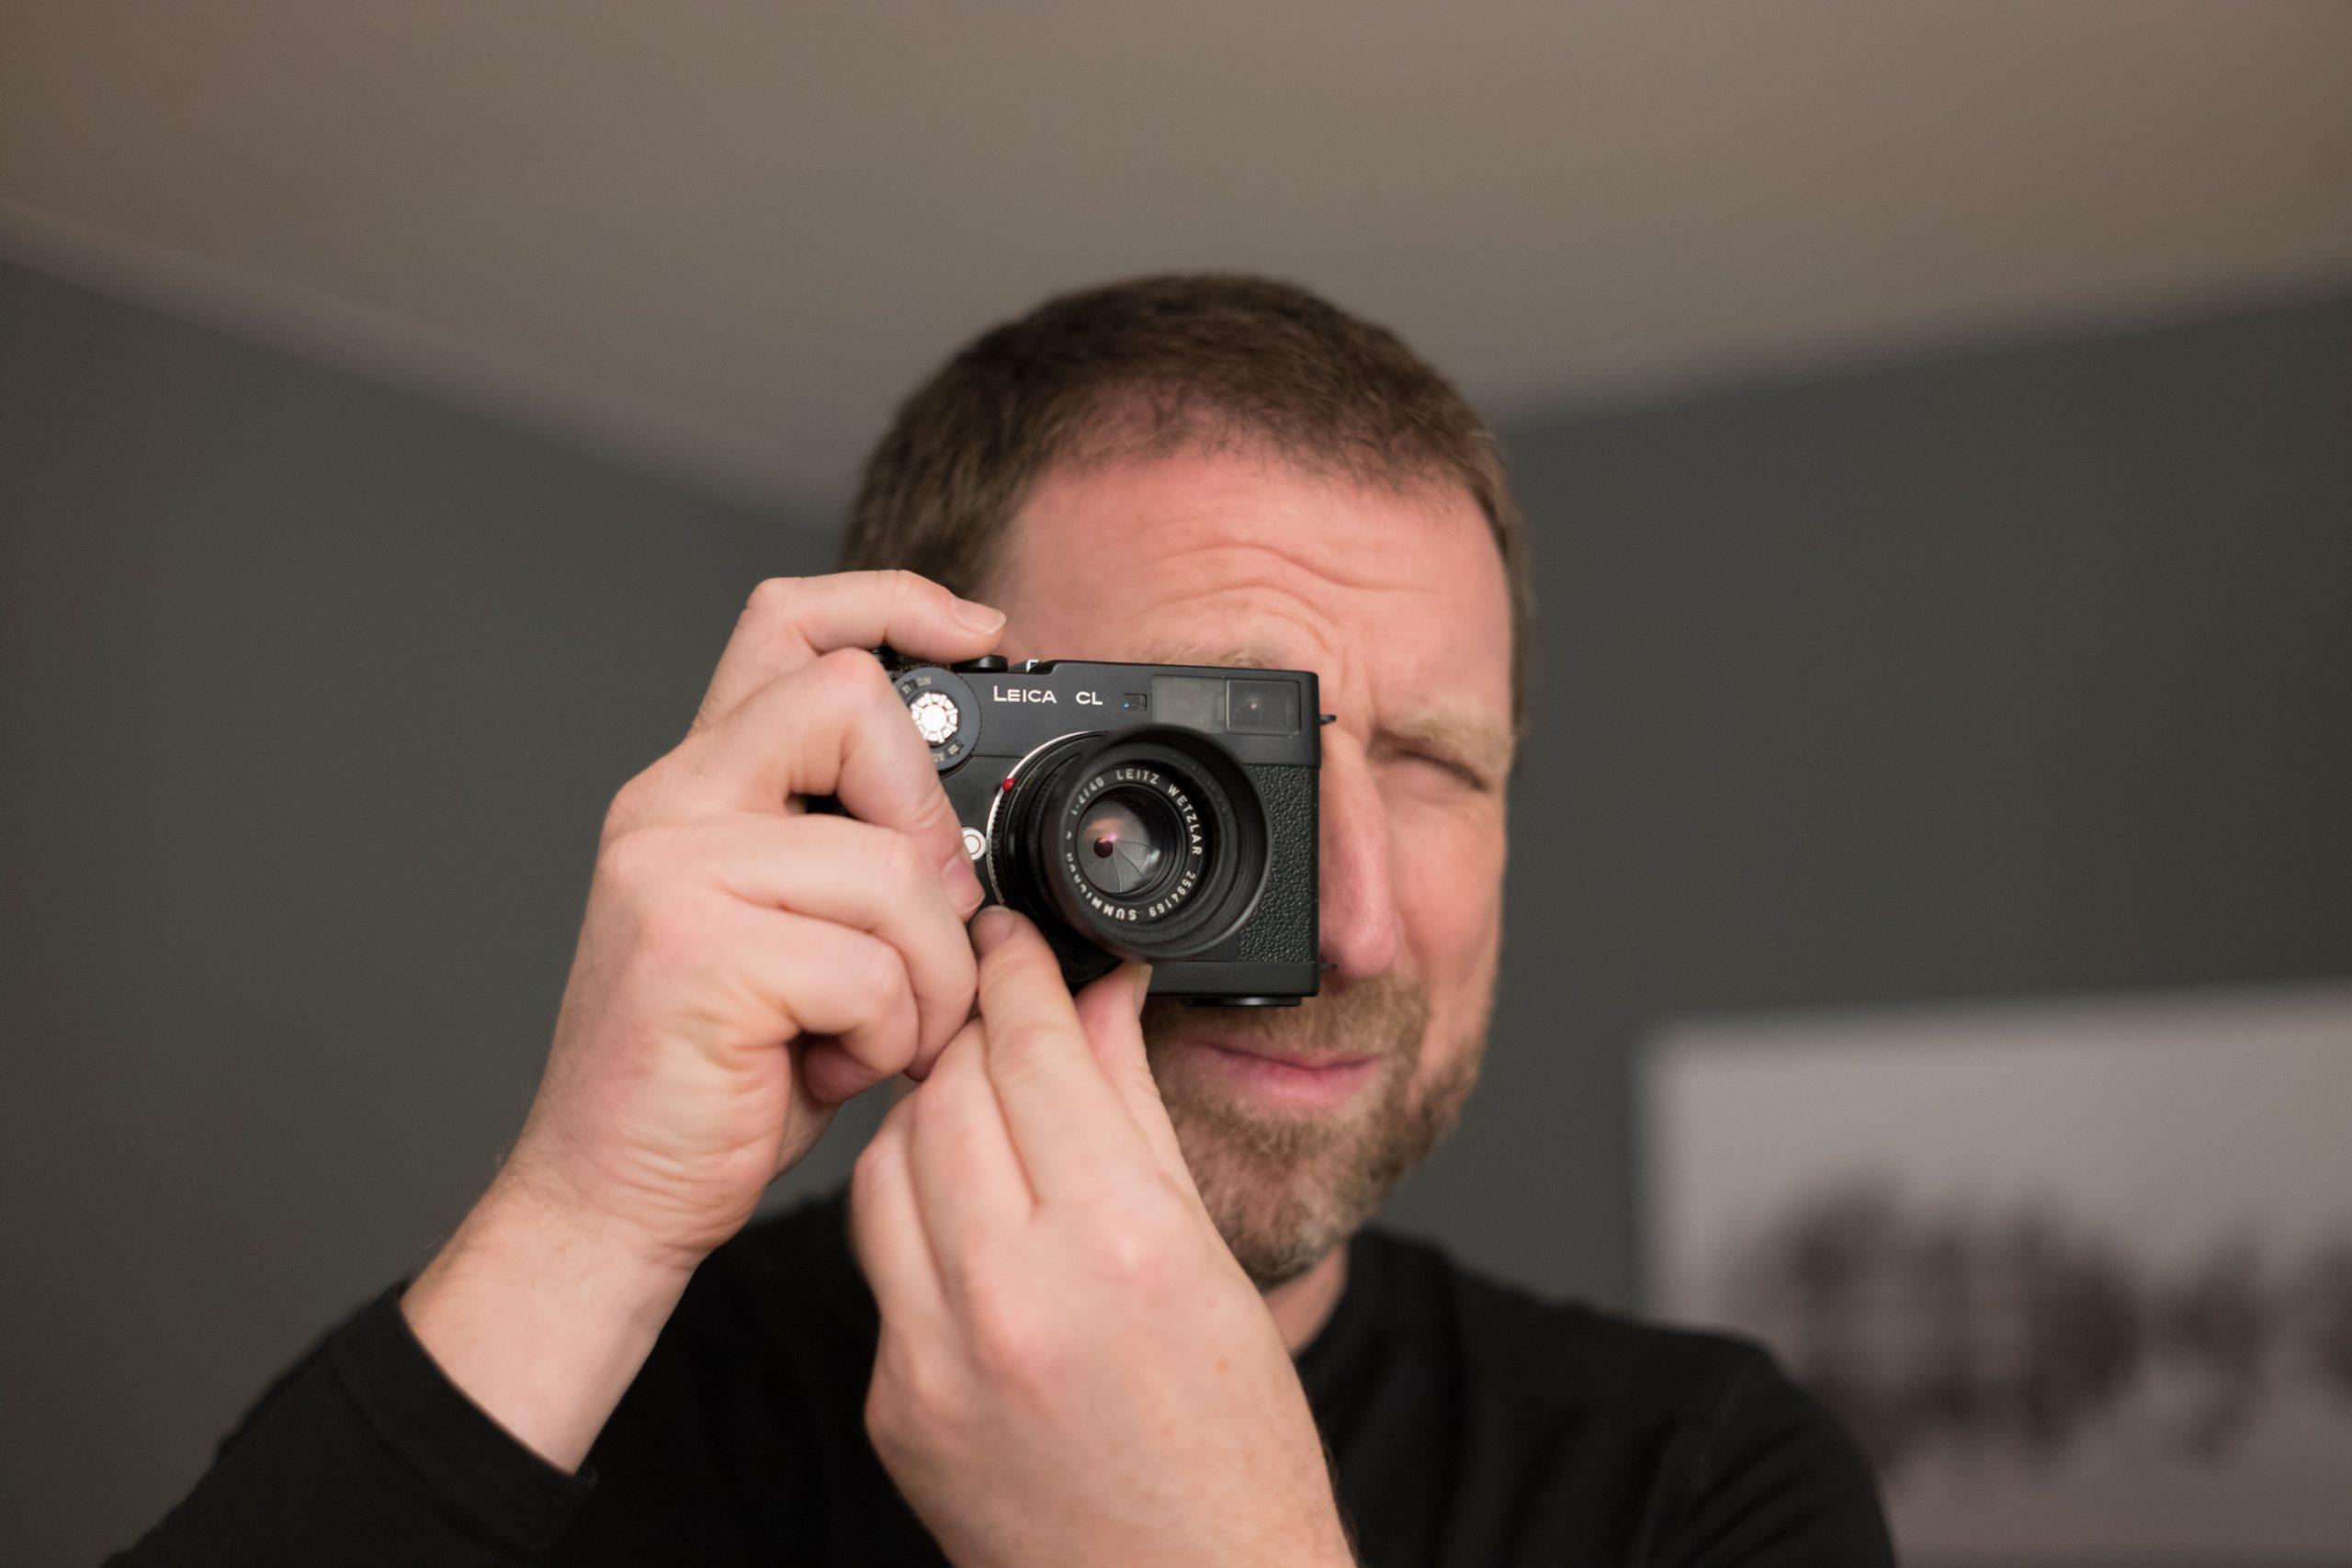 Darf ich mal? Messsucherkameras erwecken immer mal wieder die Neugier. Zeiss 35/2.8 Biogon ZM on Leica M10. Durch ein Versehen war an der Kamera das Profil des Tri-Elmar@35mm aktiviert: Keine Vignettierung, kein Farbstich am Rand!